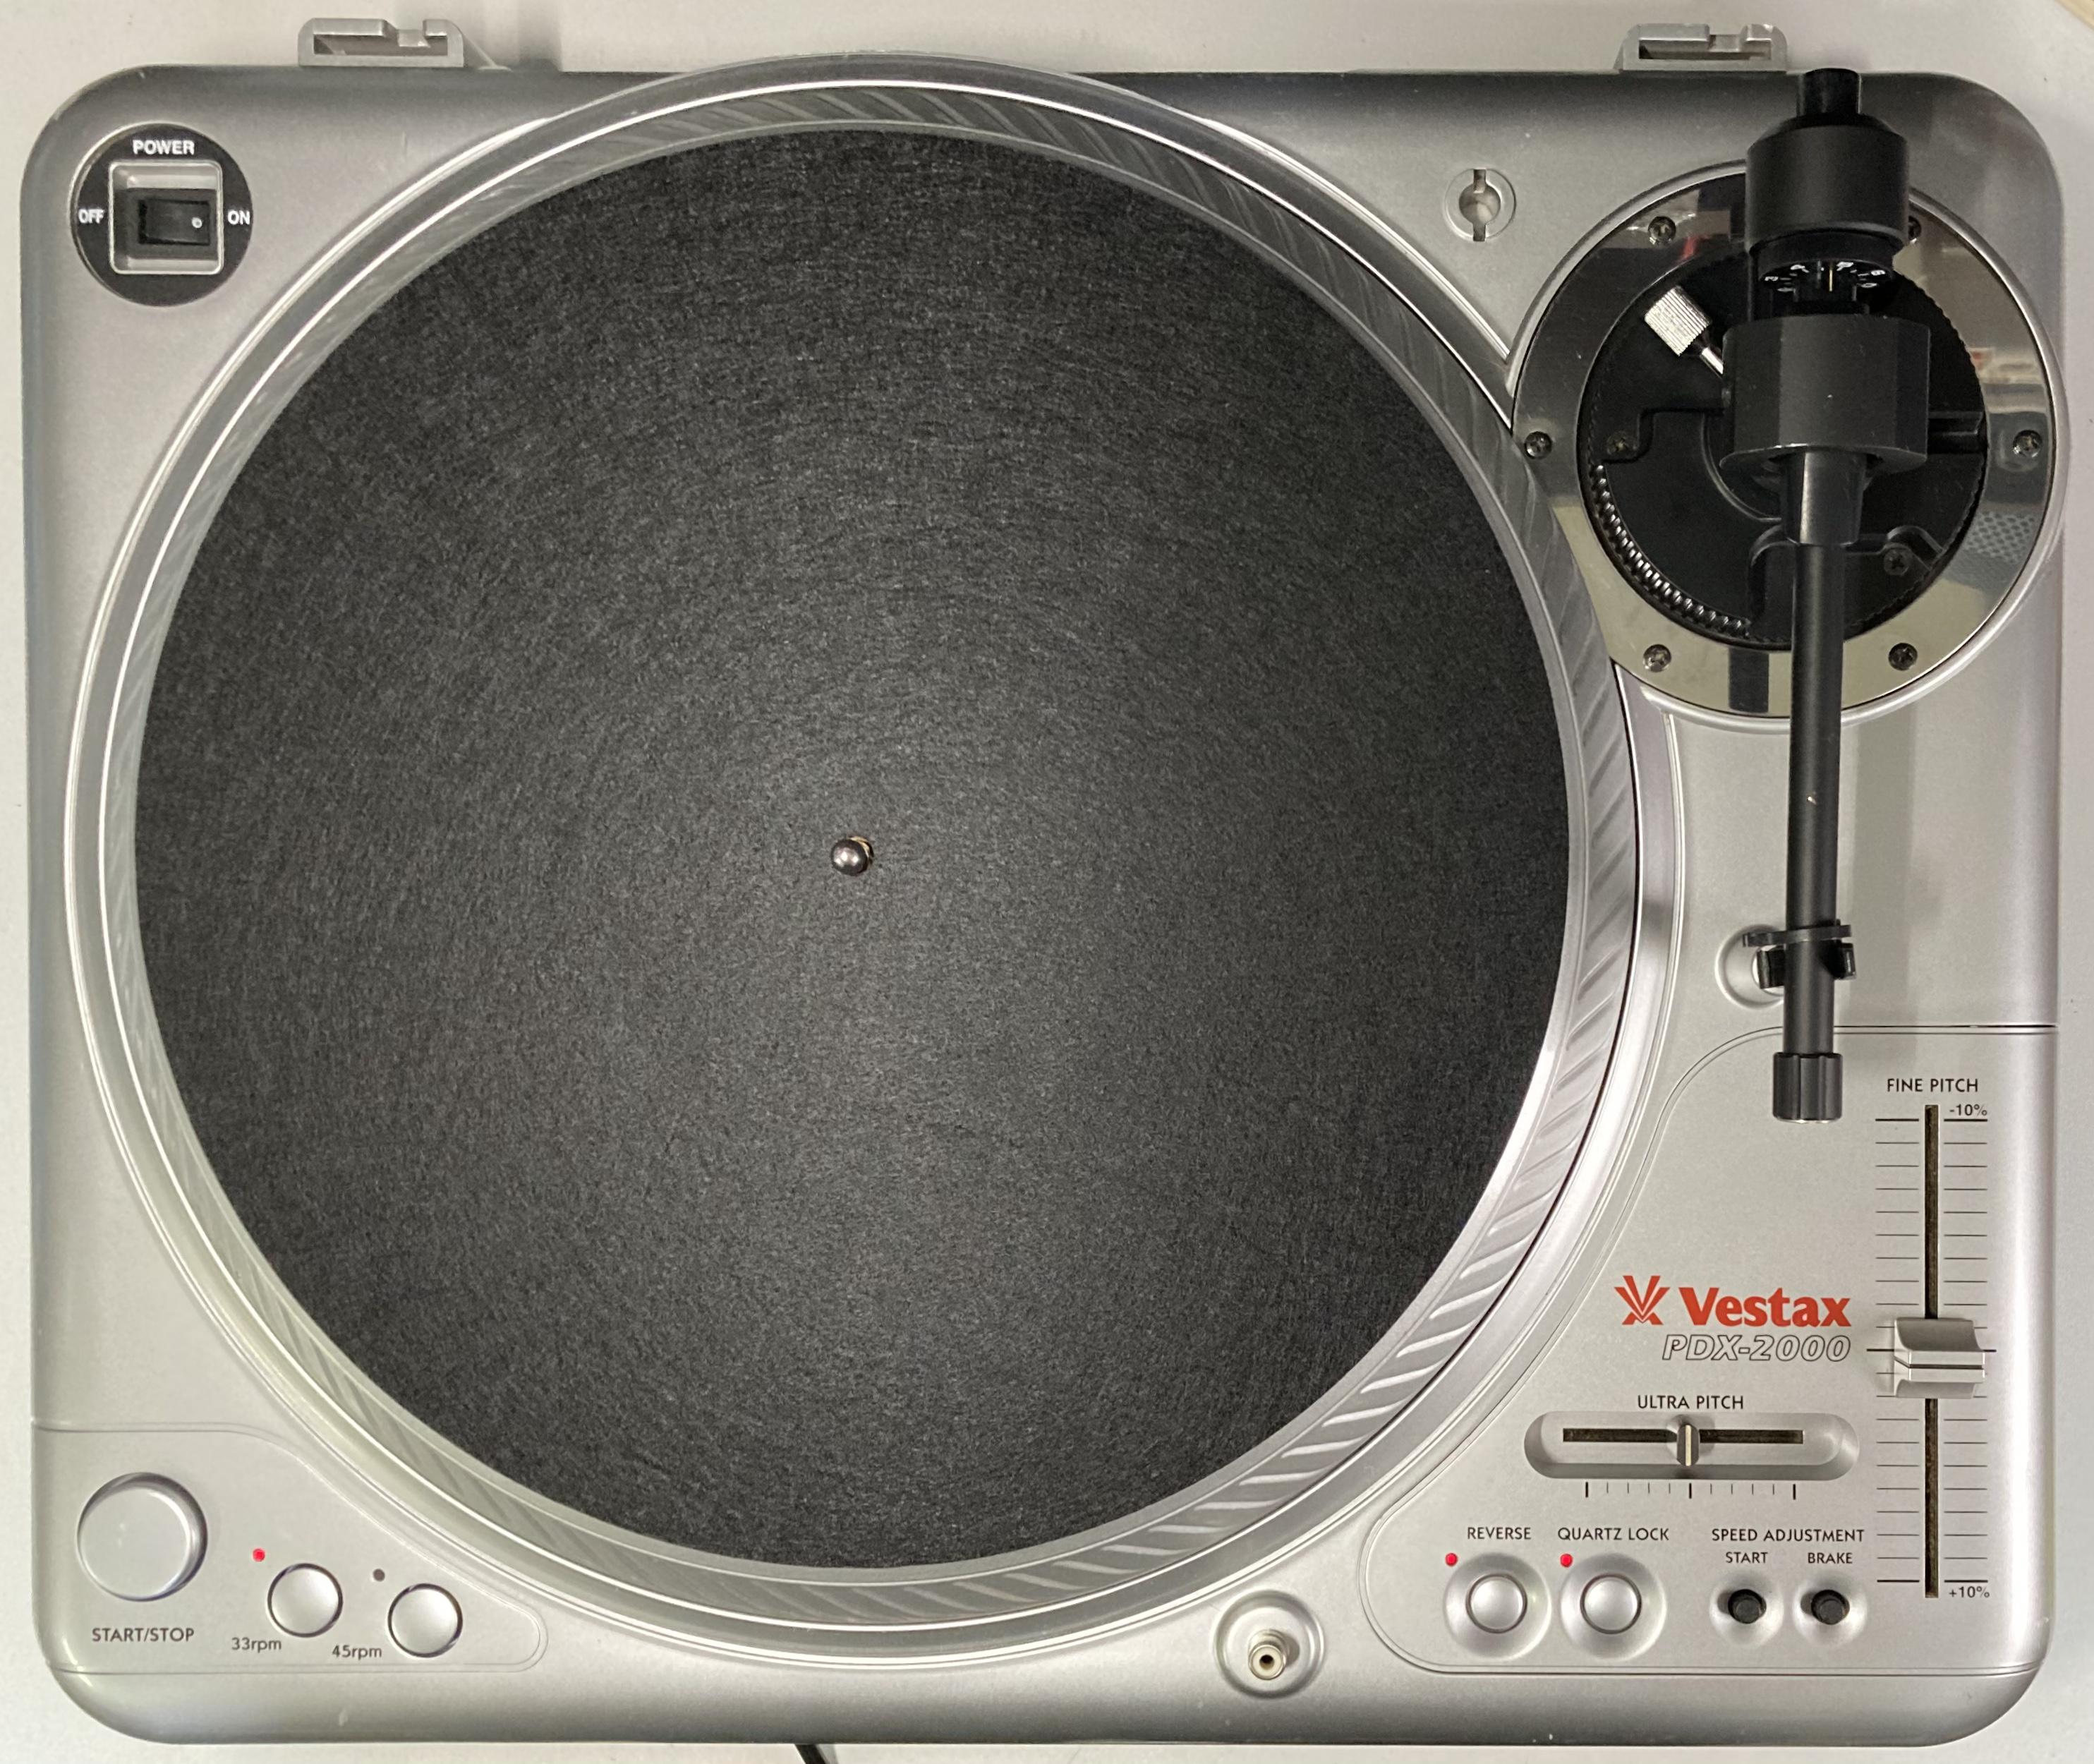 [安心のメンテナンス/カスタム済USED] Vestax PDX-2000 シルバー(インシュレーター改善品) 【6ヶ月保証付き】 TT-0089